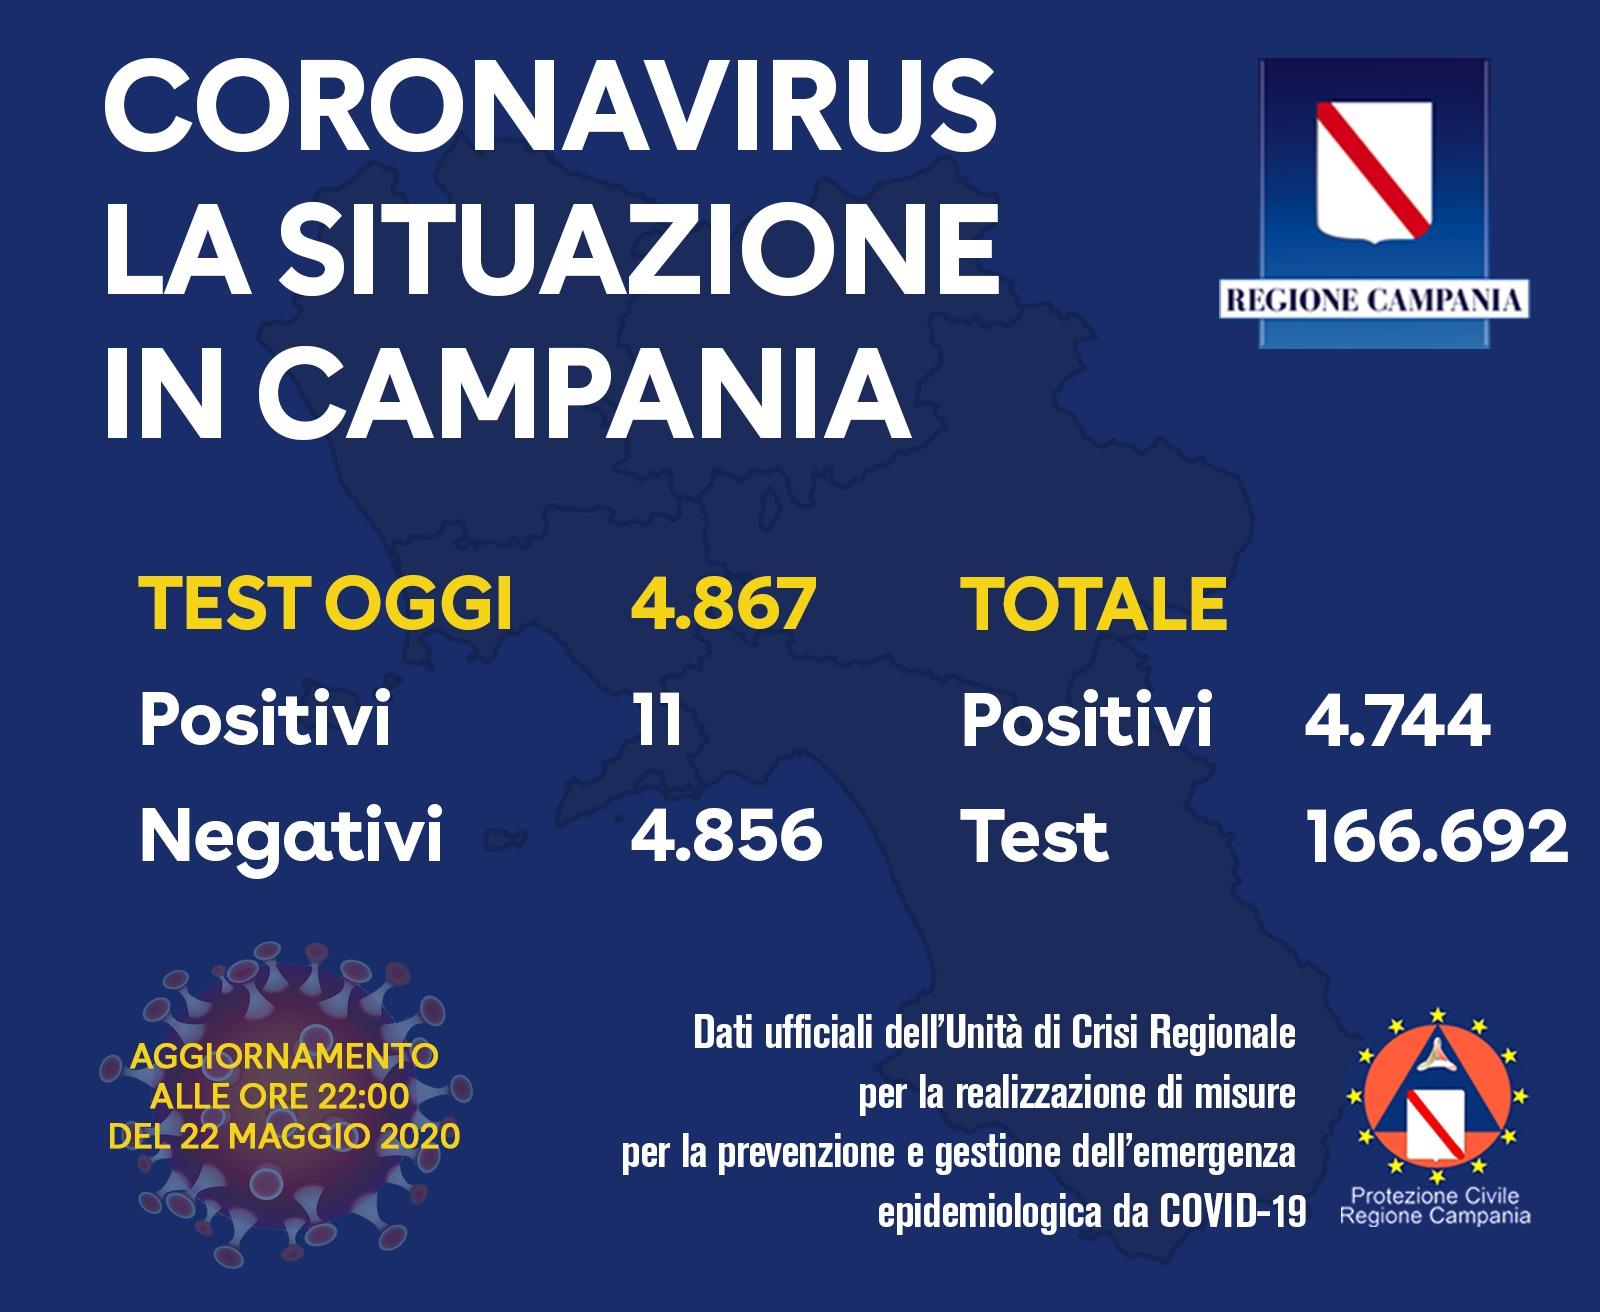 Photo of Coronavirus in Campania, 11 tamponi positivi su oltre 4800: il bollettino del 22 maggio